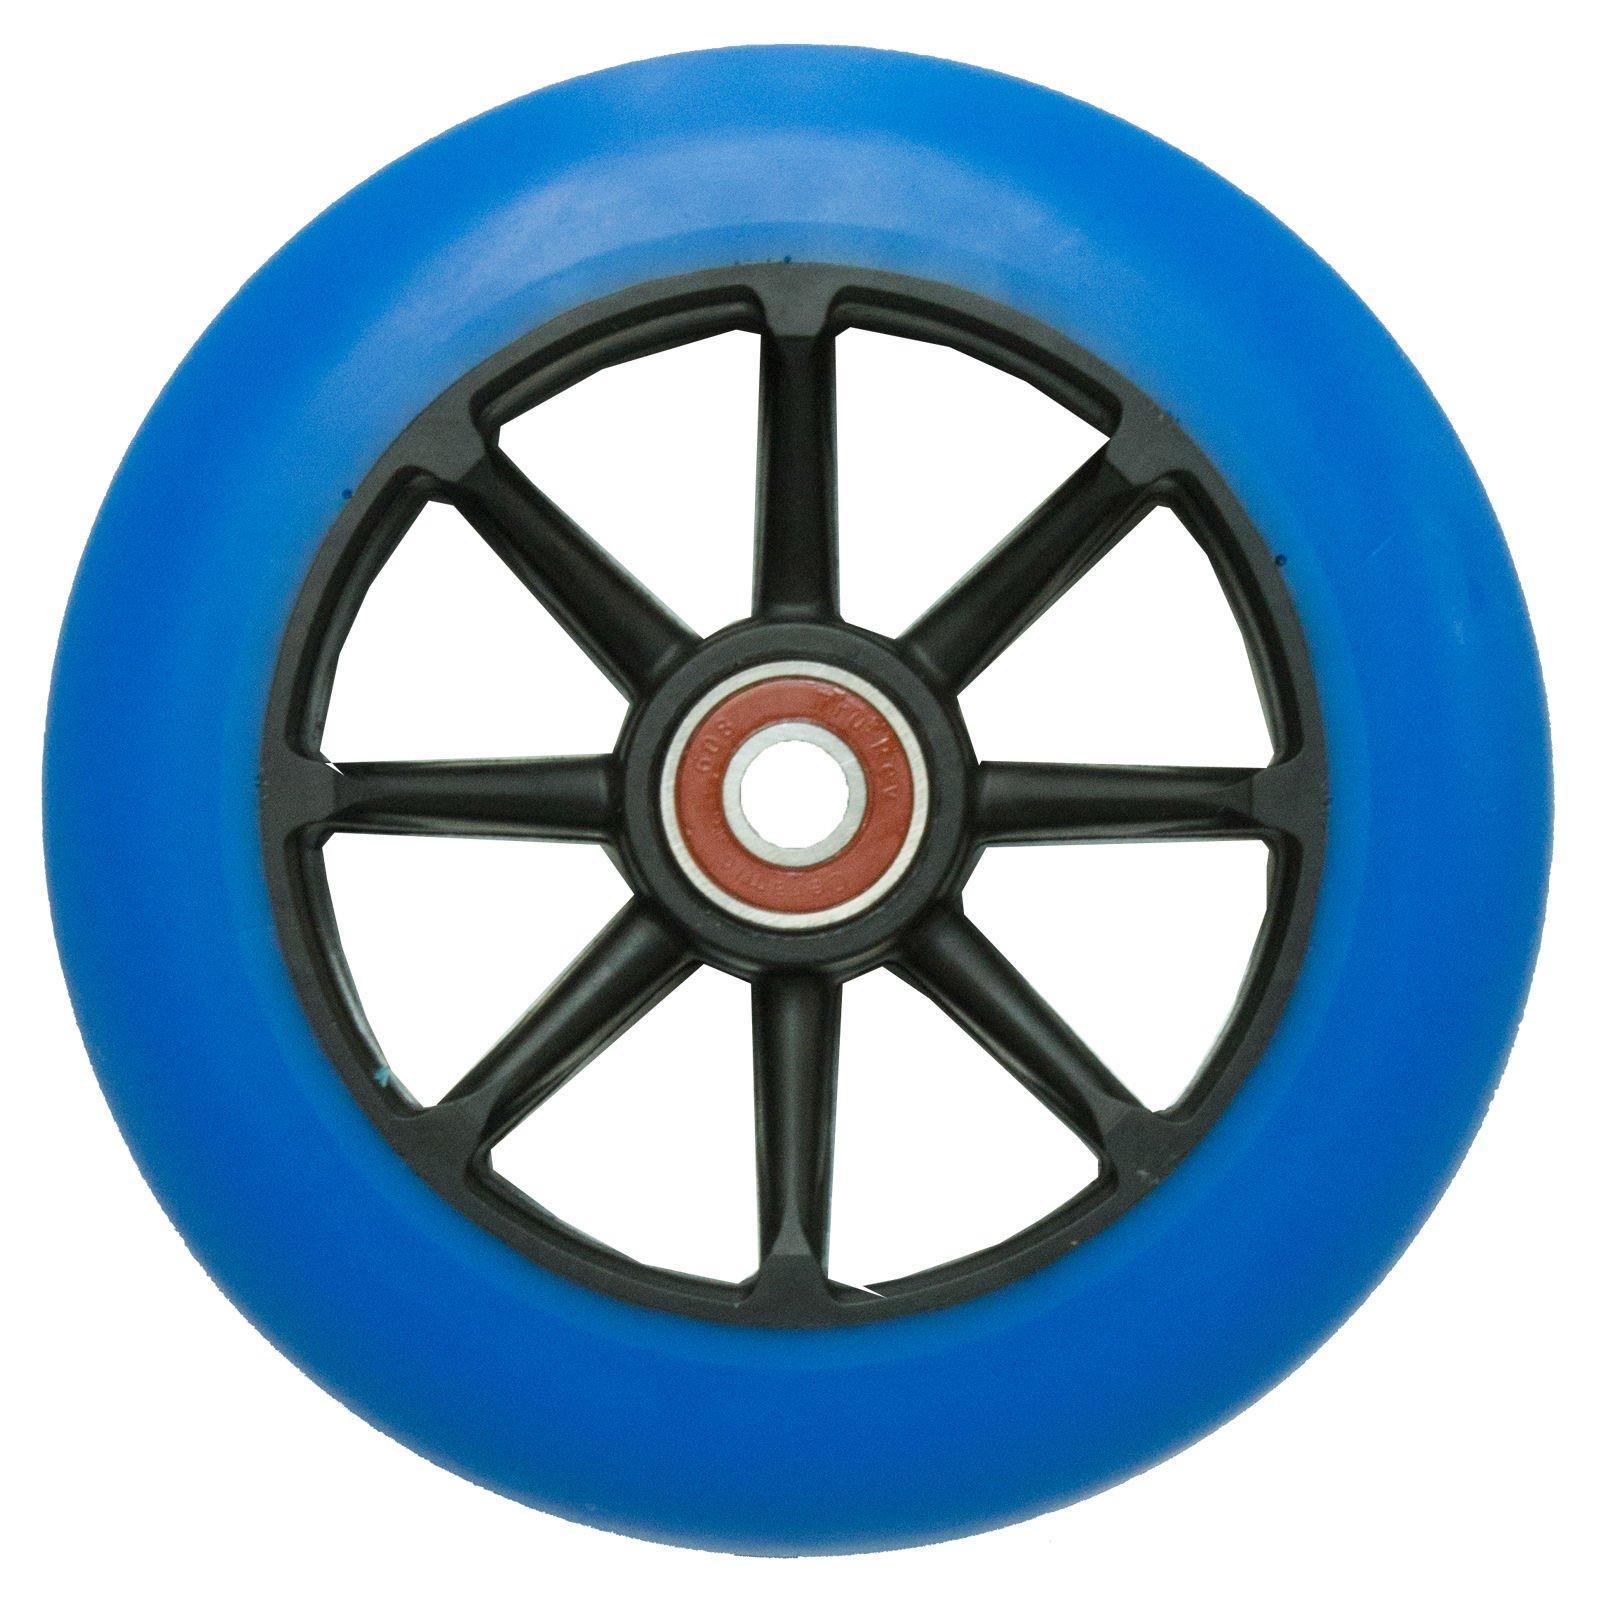 Trurev Blue Thunder: 125mm Wheel